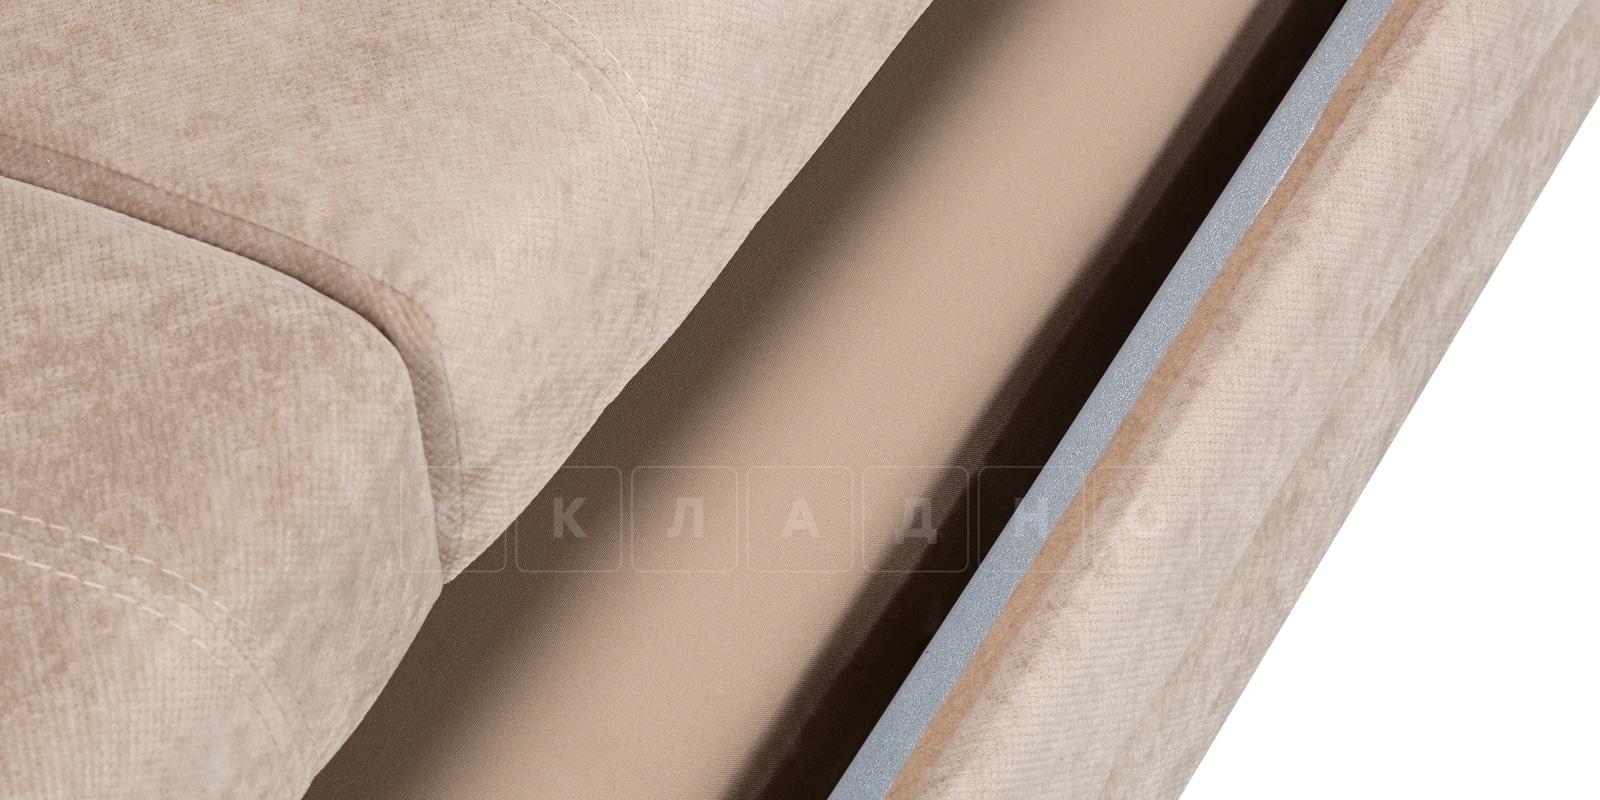 Диван Бристоль флок бежевый фото 8 | интернет-магазин Складно